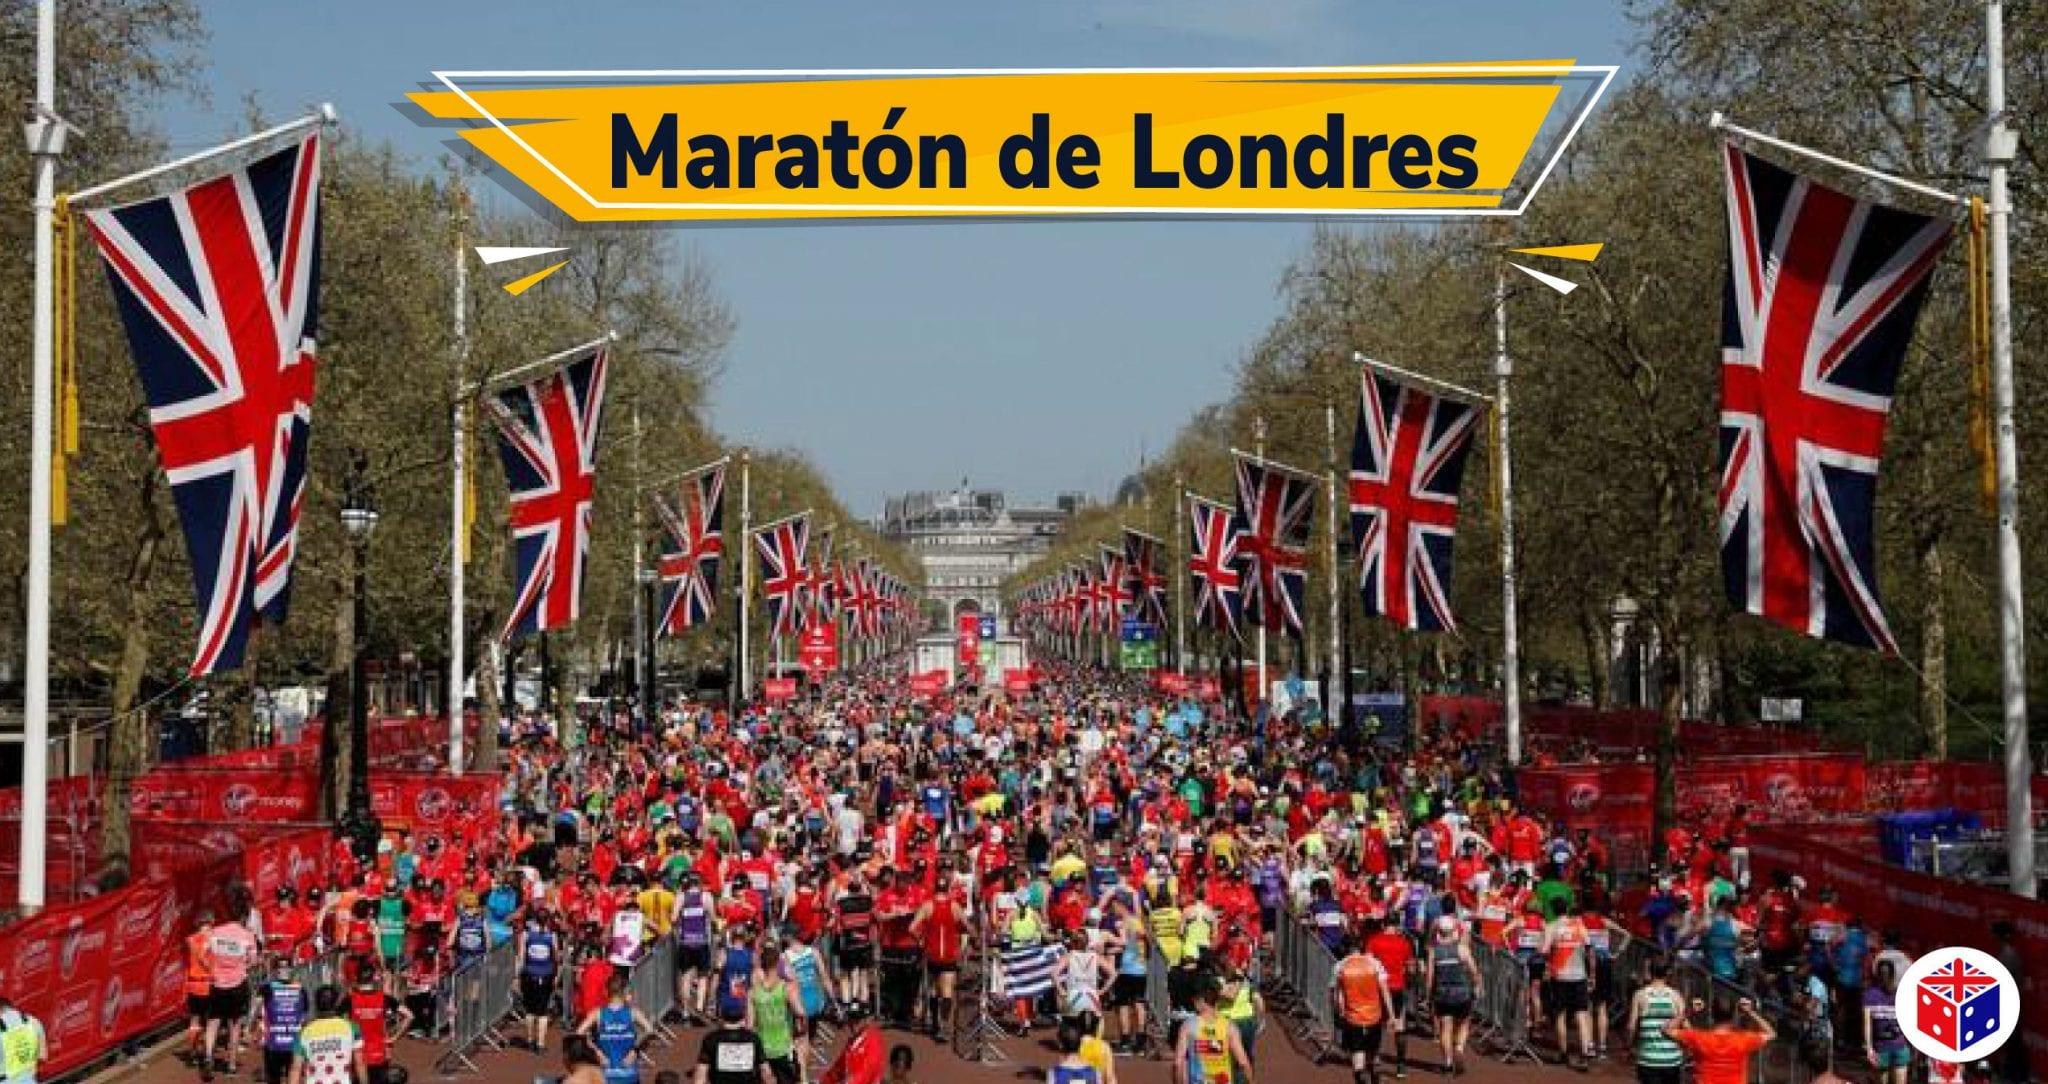 Recorrido del Maratón de Londres